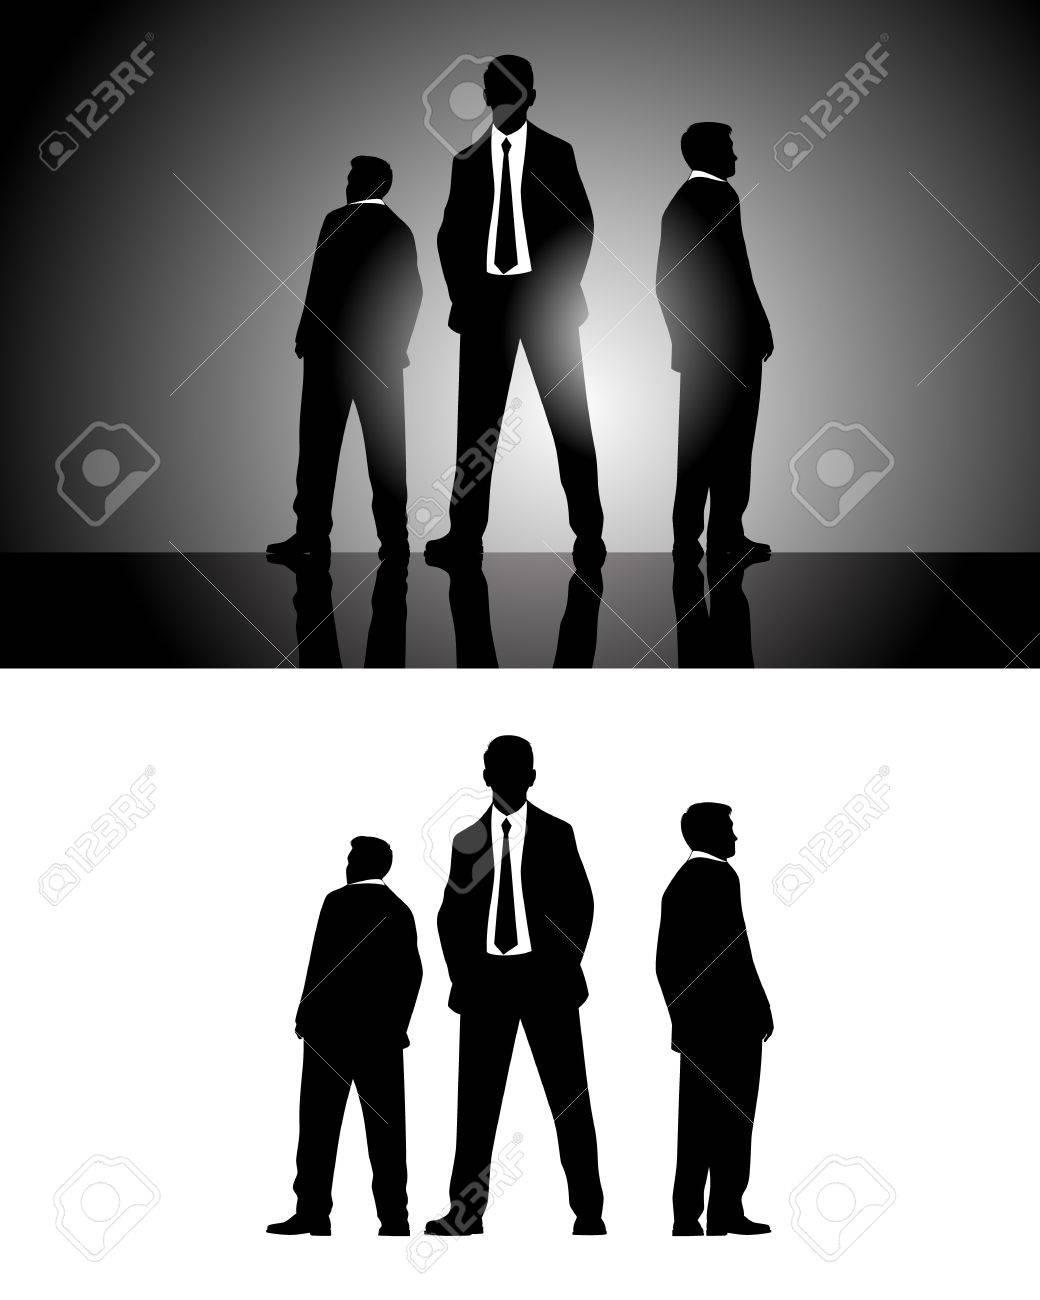 3 人のビジネスマンのシルエットのベクター イラストのイラスト素材